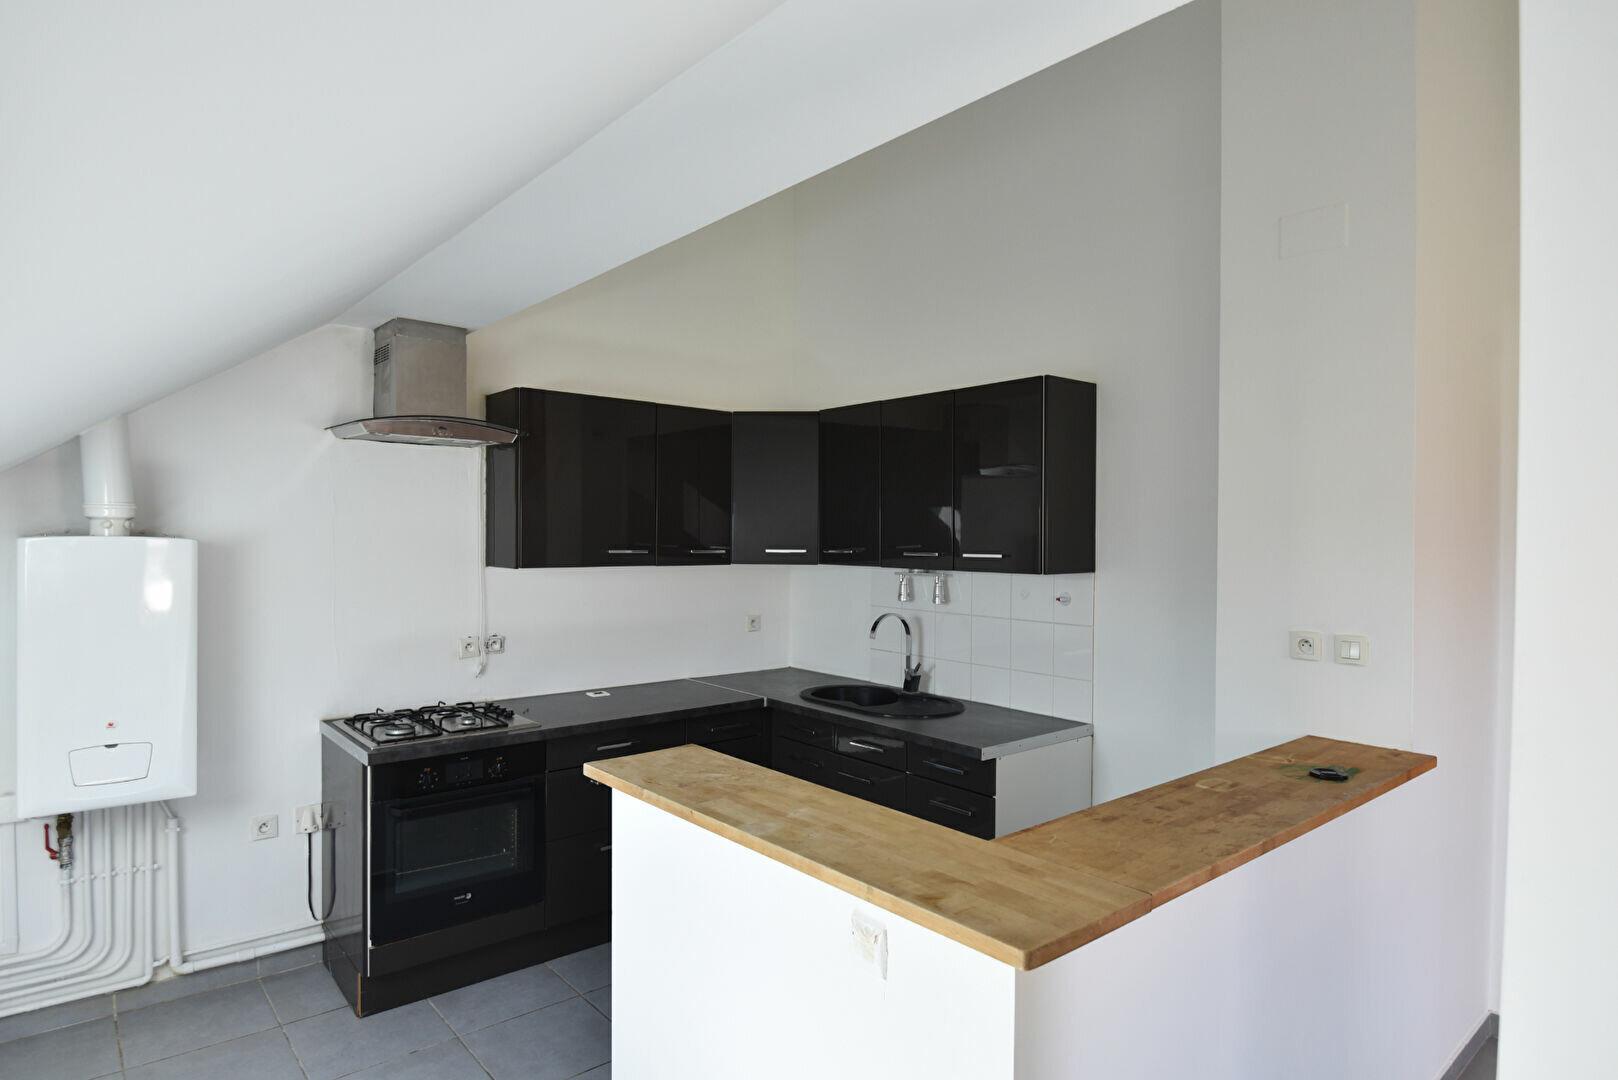 Appartement à louer 3 78.66m2 à Maizières-lès-Metz vignette-1